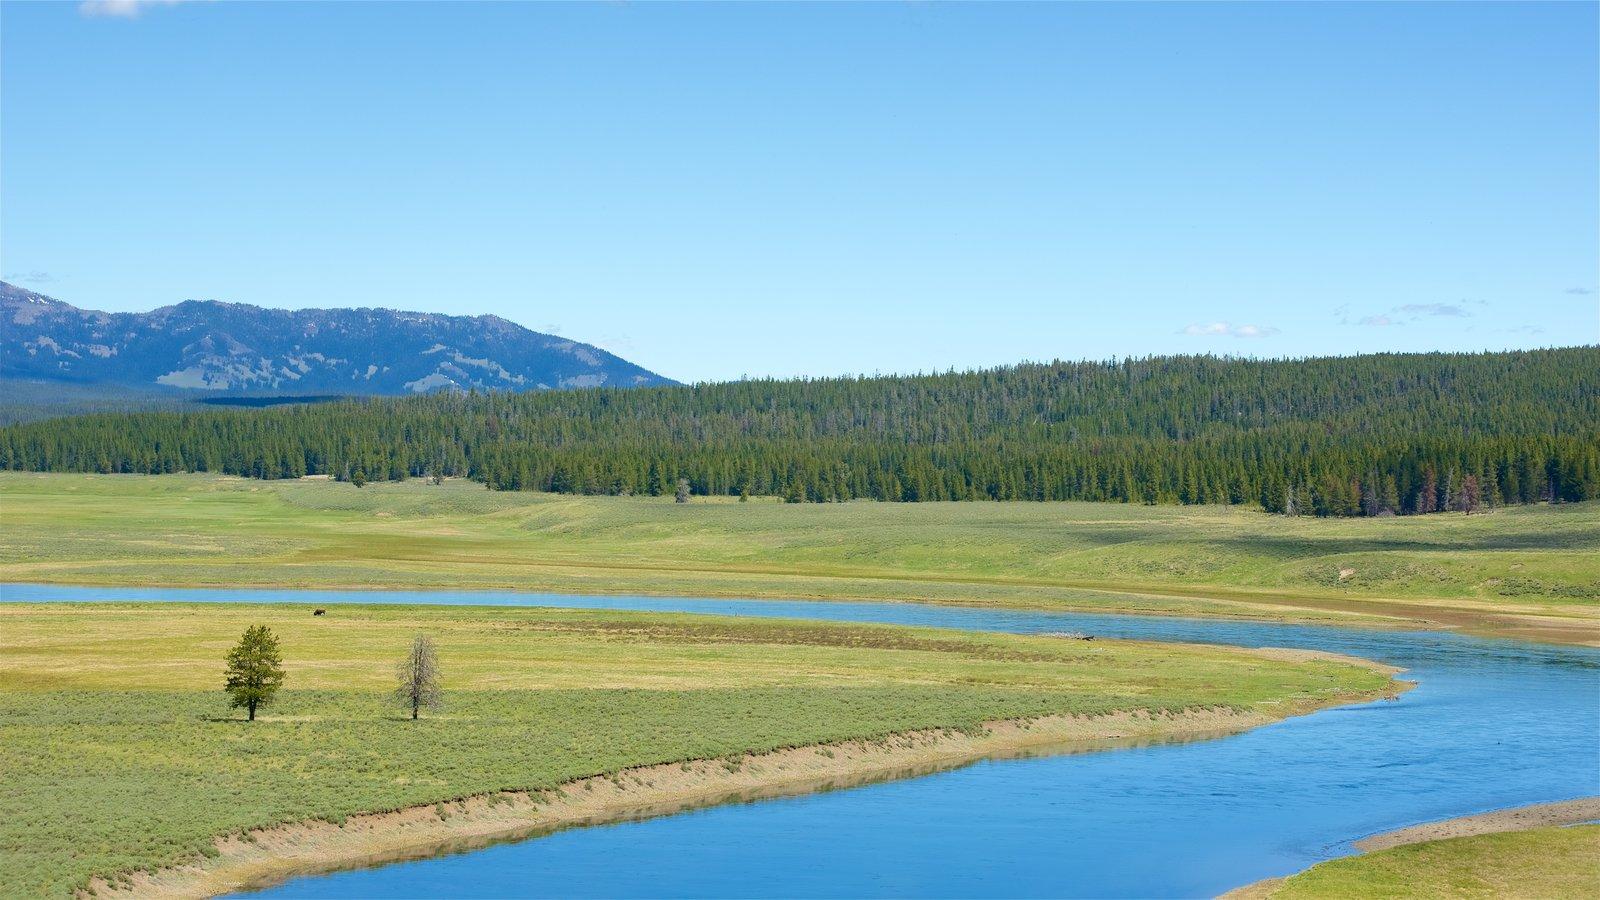 Yellowstone National Park mostrando um rio ou córrego e cenas tranquilas